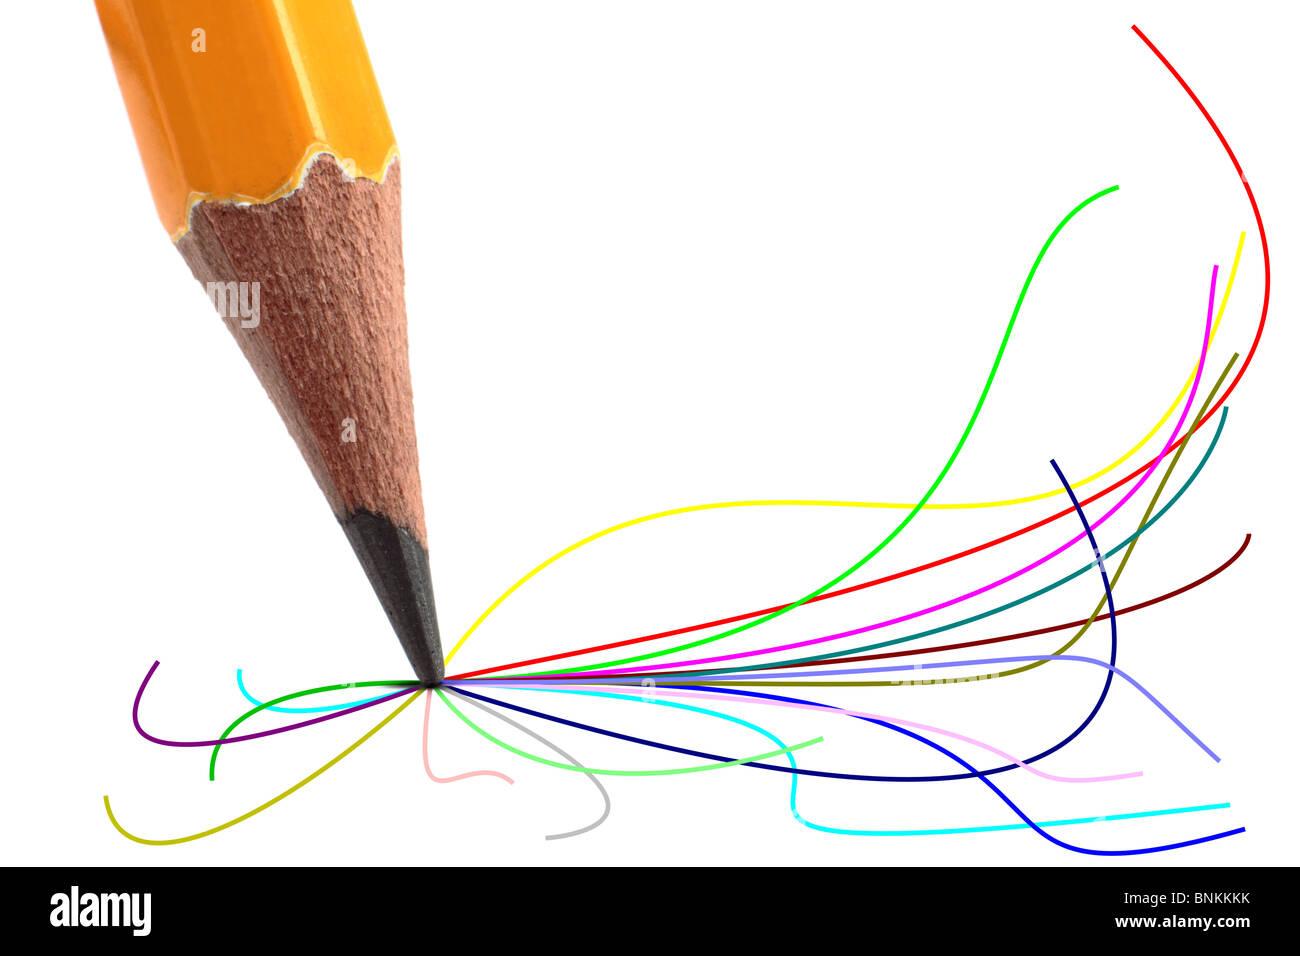 Bleistift mit farbigen Linien fließen von der Spitze. Stockbild